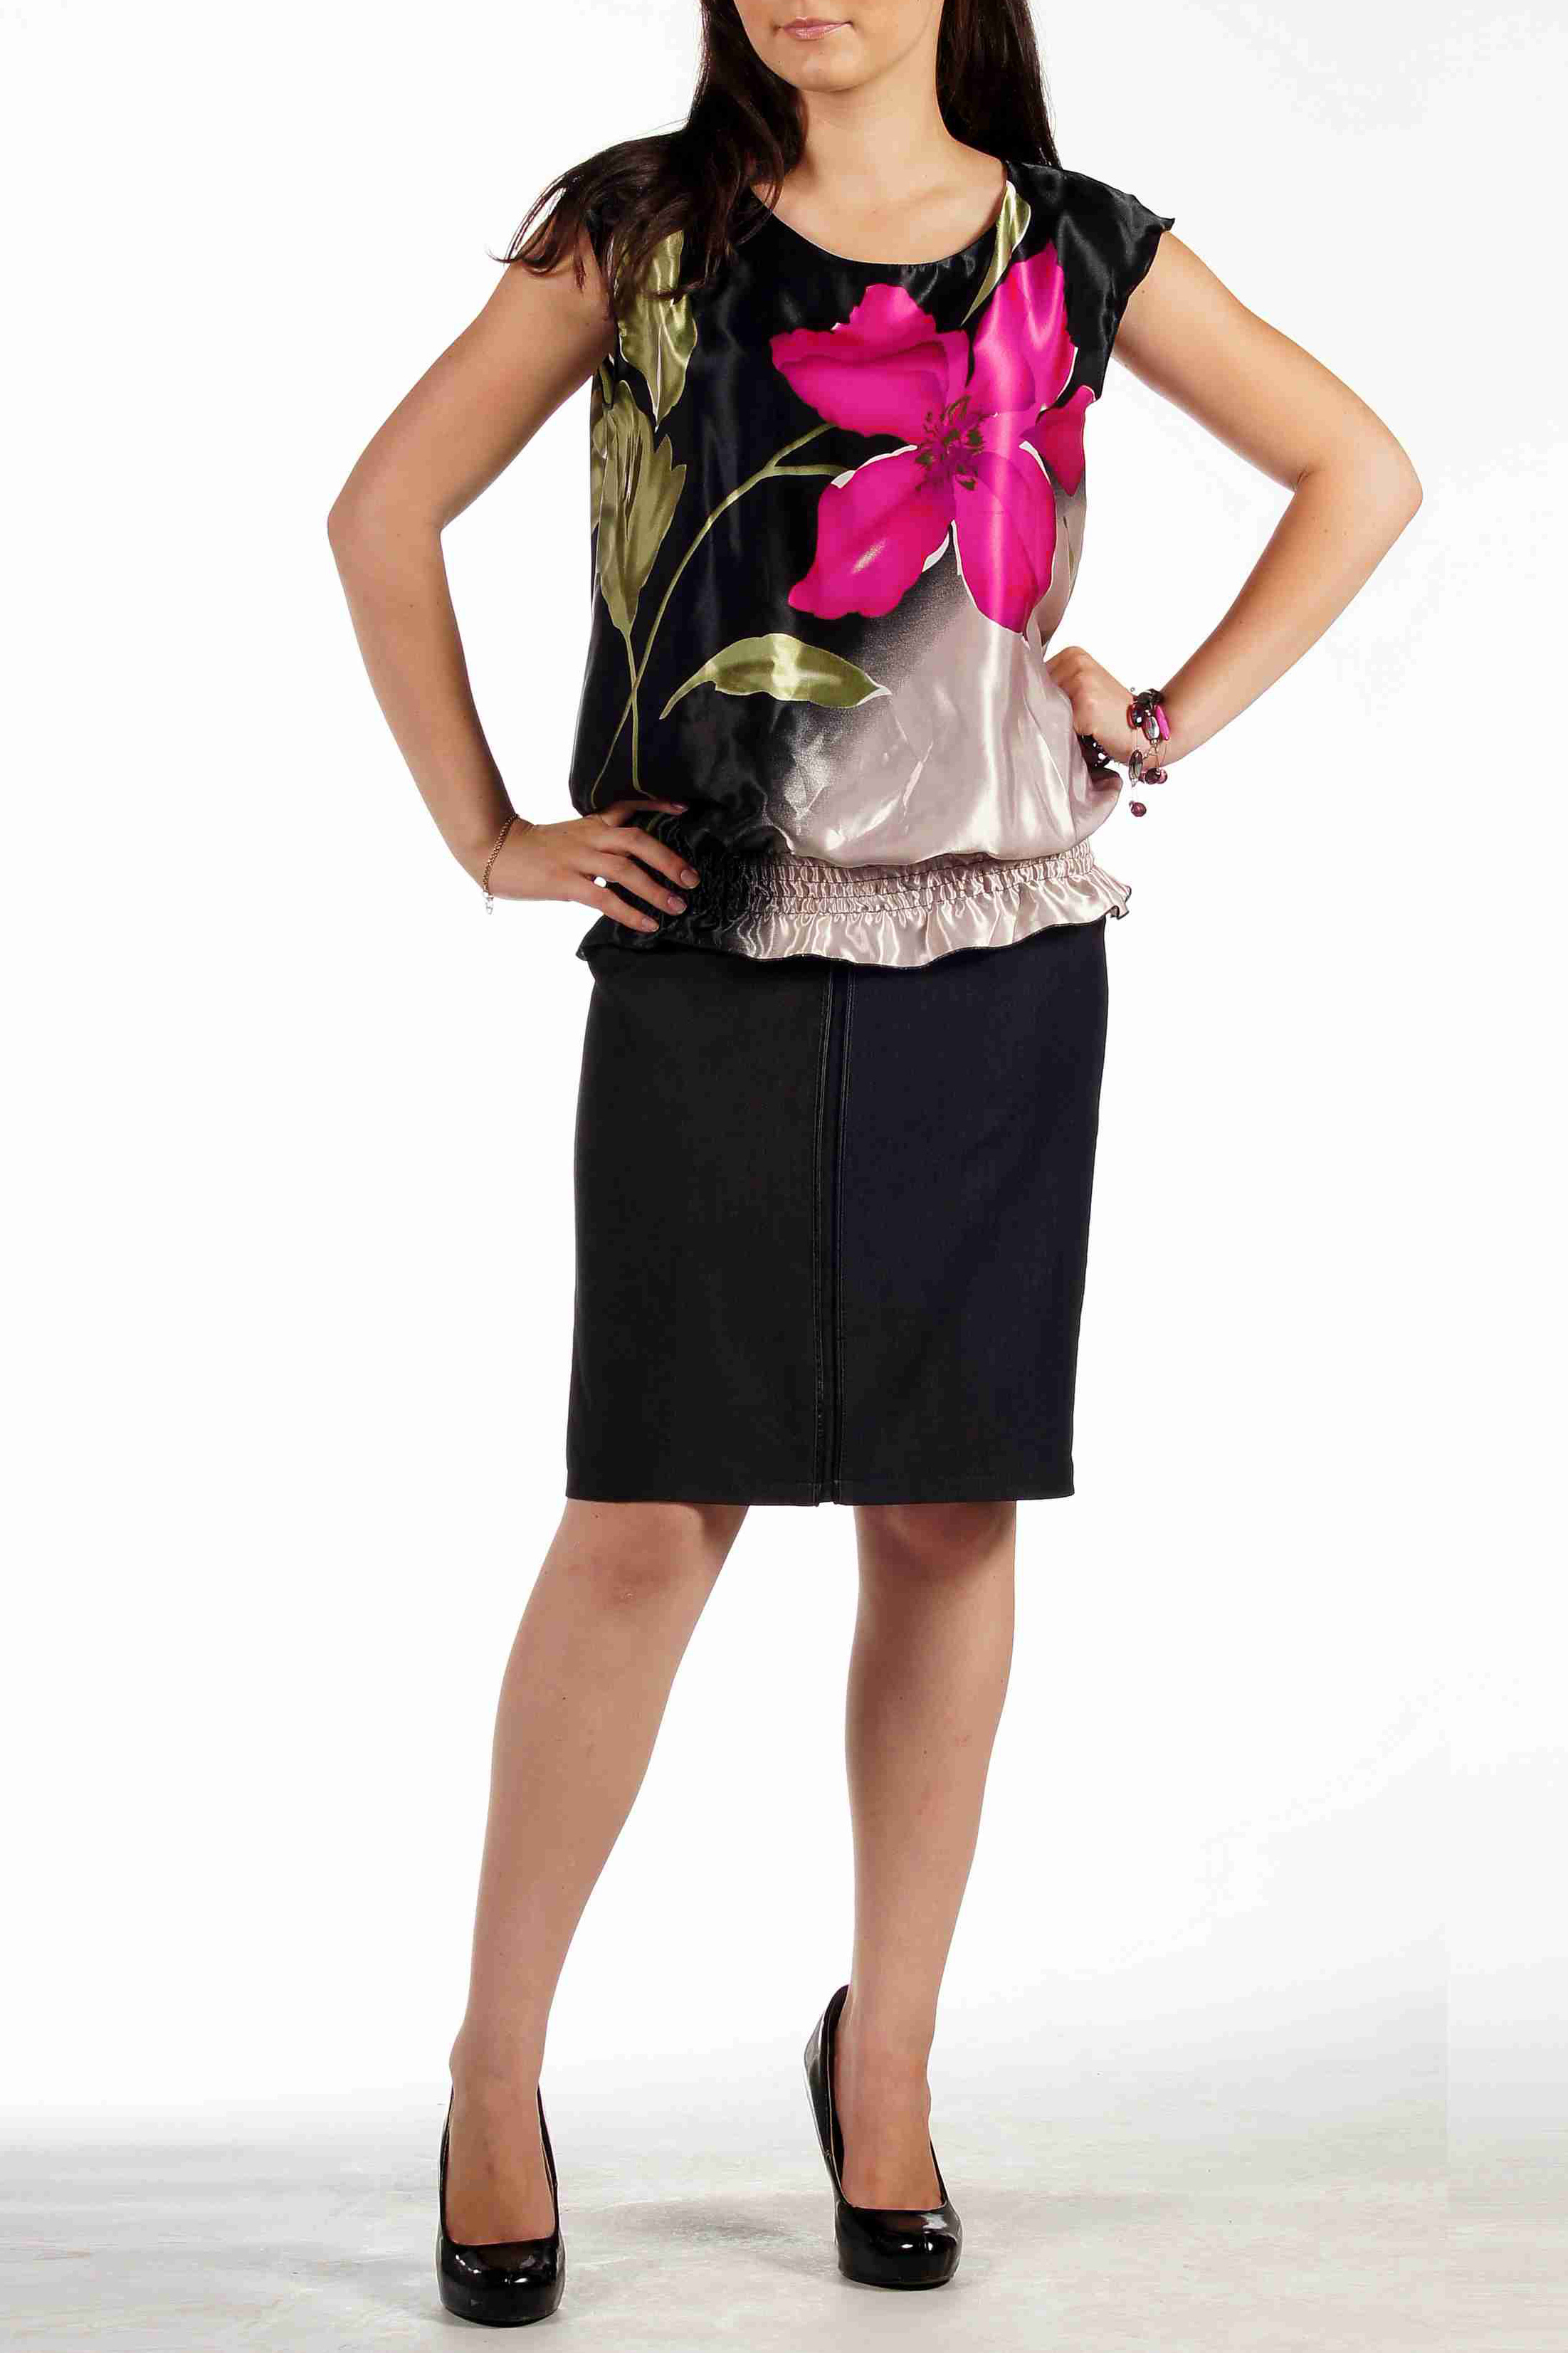 БлузкаБлузки<br>Женственная  блуза из тонкого сатина с ярким крупным цветочным принтом. Вырез-лодочка и чуть спущенное плечо придадут немного строгости и лаконичности образу, в то время как крупный цветок добавит нарядности и легкомыслия. Низ блузы мягко прилегает к телу с небольшим напуском при помощи рядов строчек нитки-резинки.   Длина около 63 см.  Цвет: черный, мультицвет<br><br>Горловина: С- горловина<br>По материалу: Атлас<br>По рисунку: Растительные мотивы,Цветные,Цветочные,С принтом<br>По сезону: Весна,Всесезон,Зима,Лето,Осень<br>По силуэту: Свободные<br>По стилю: Повседневный стиль,Летний стиль,Нарядный стиль<br>Рукав: Короткий рукав,Без рукавов<br>Размер : 48,50<br>Материал: Атлас<br>Количество в наличии: 4